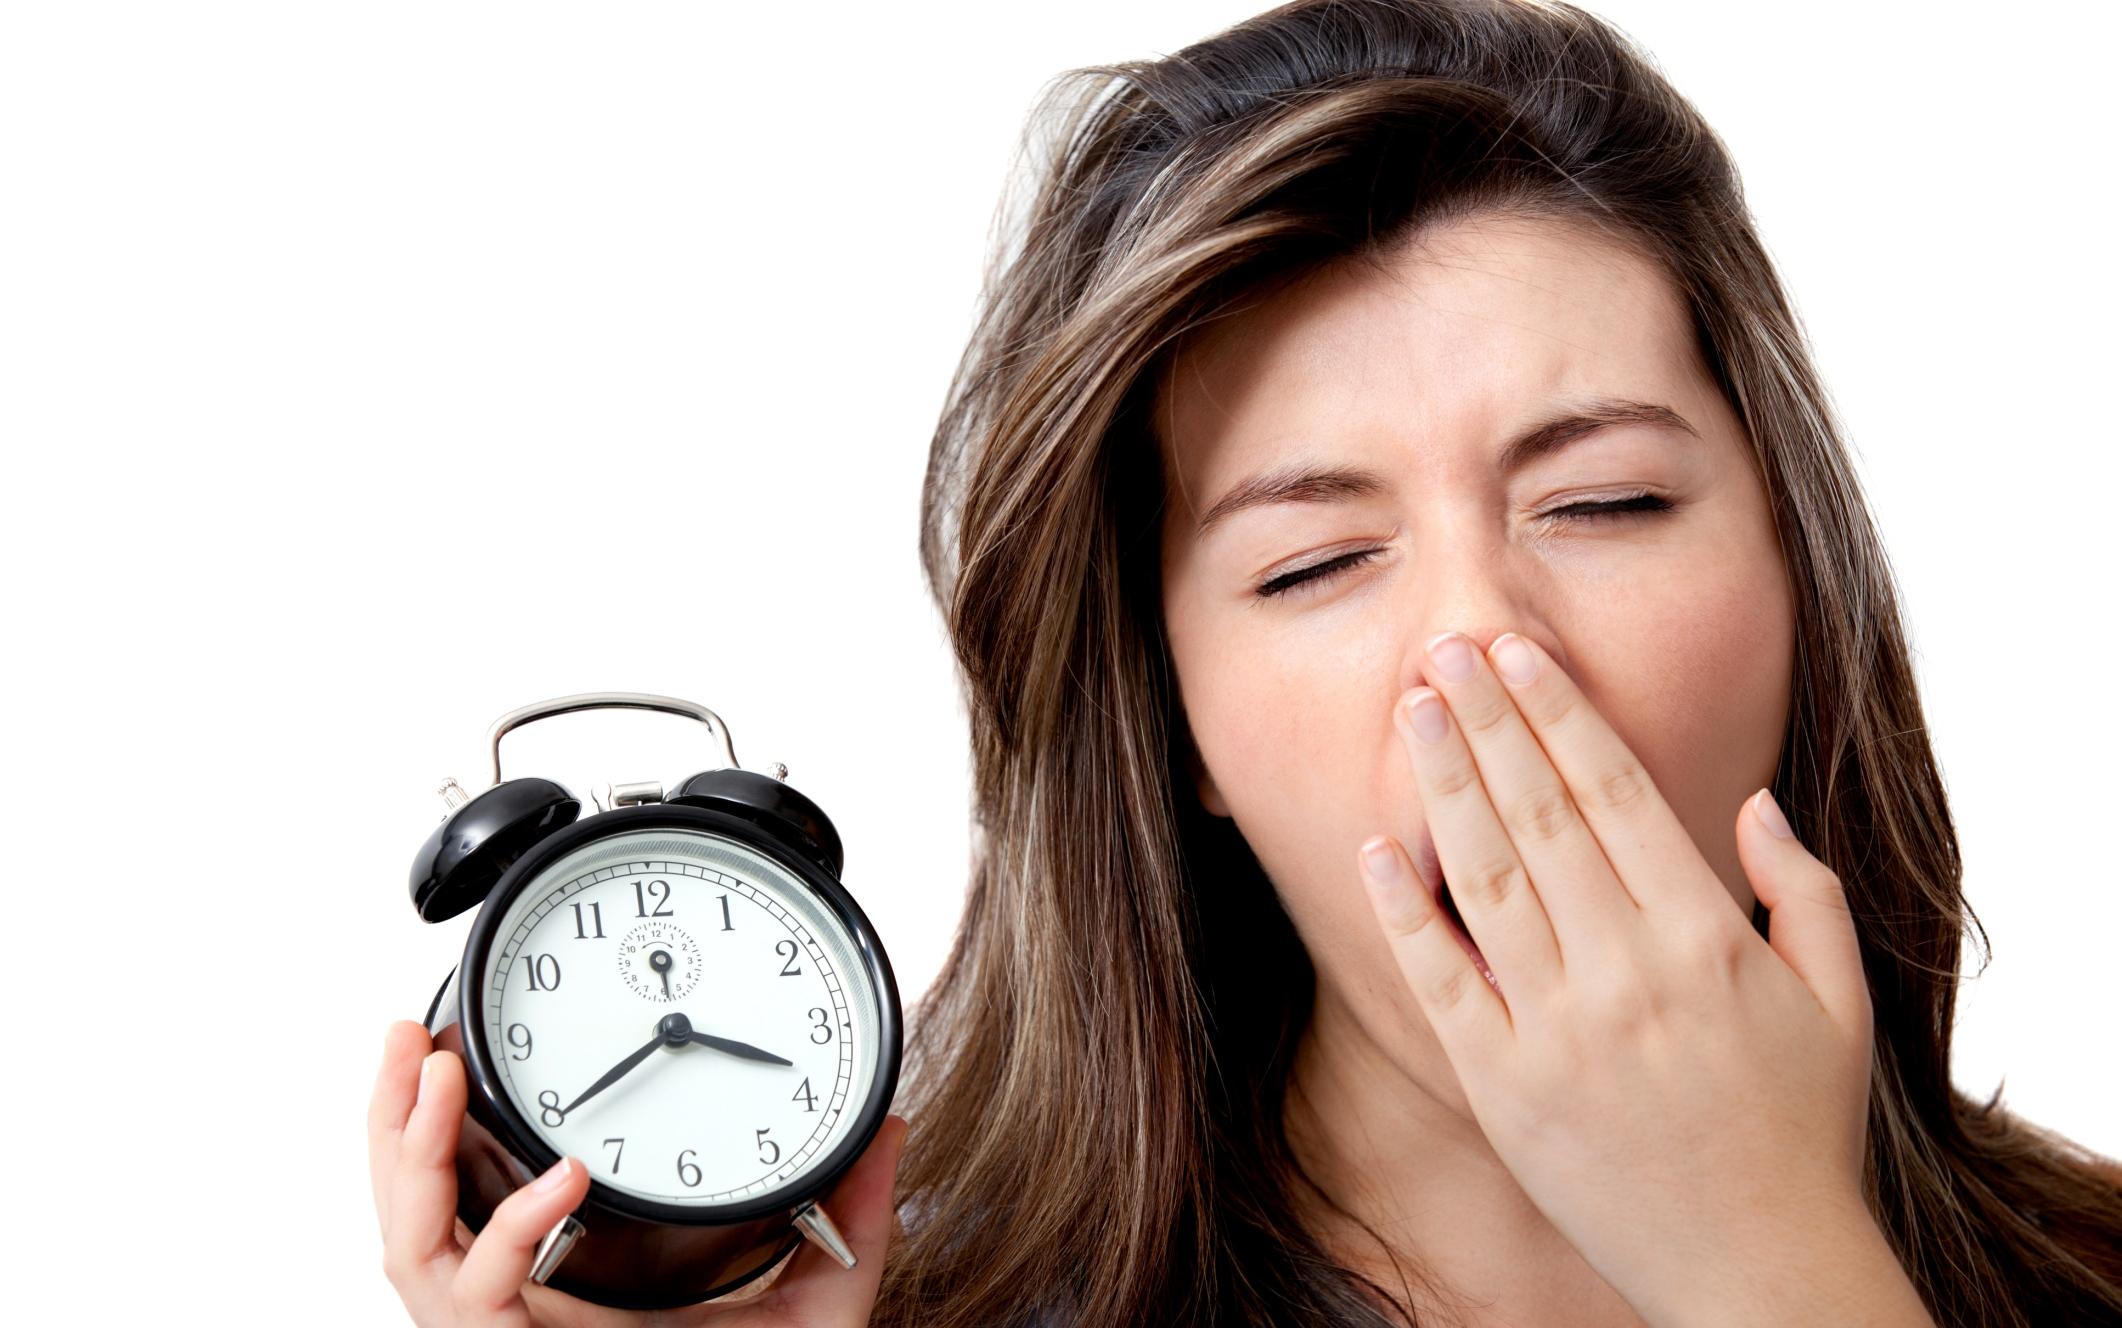 Dormire bene è importante: ecco 5 regole contro l'insonnia